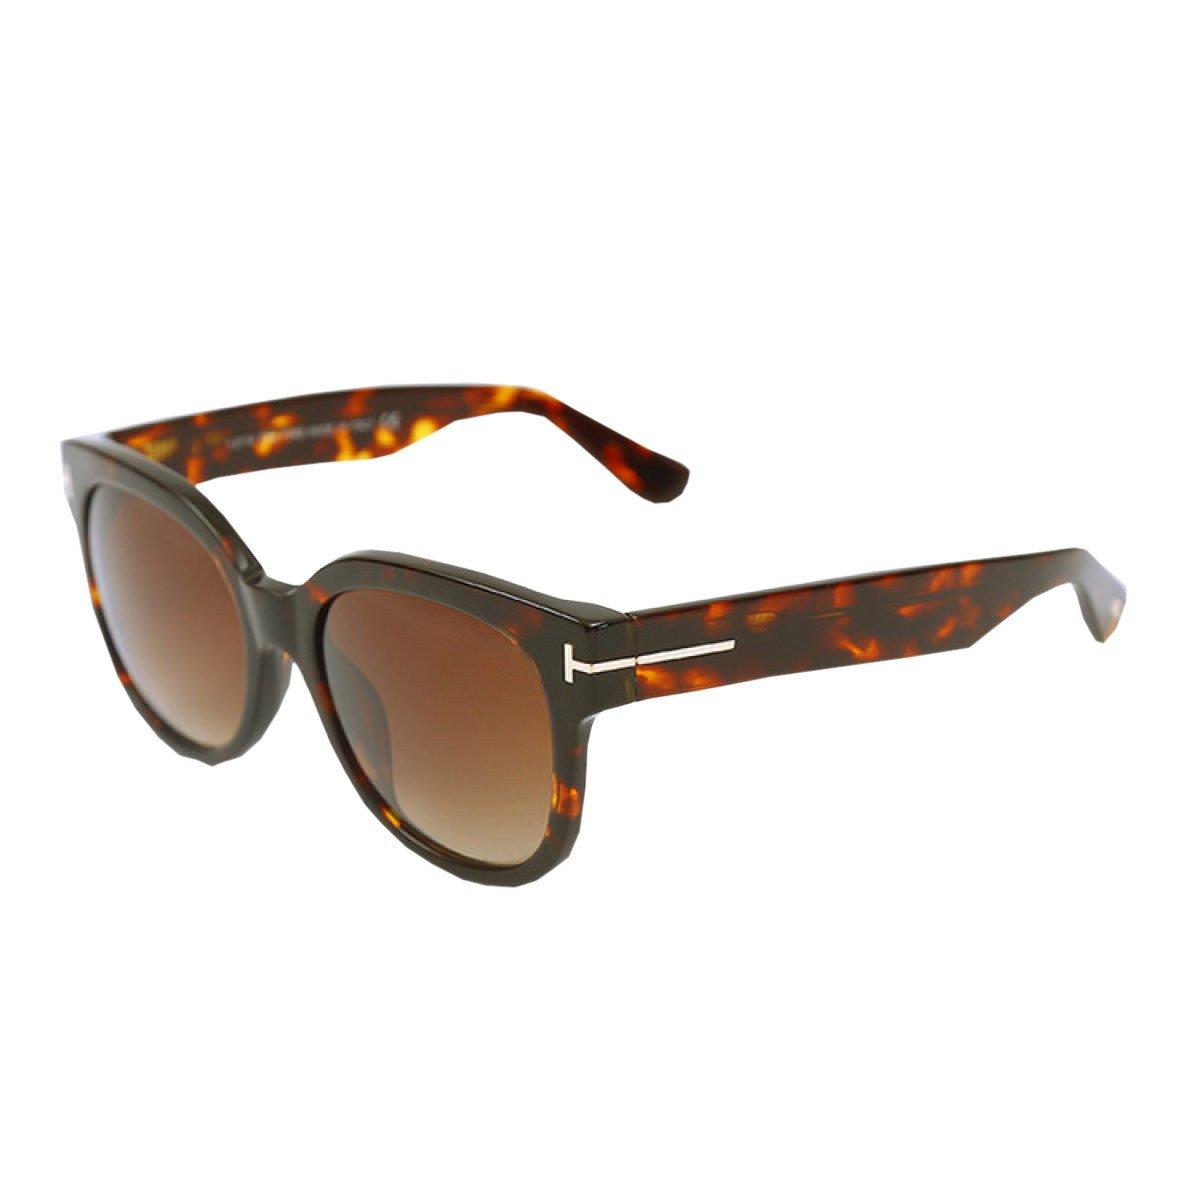 dfb Gafas De Sol Conducir Protector Solar Gafas De Sol De Moda De Moda Placa Hombres Y Mujeres Big Box De Diseño De Moda Al Aire Libre Ejecutando Golf Parte ...